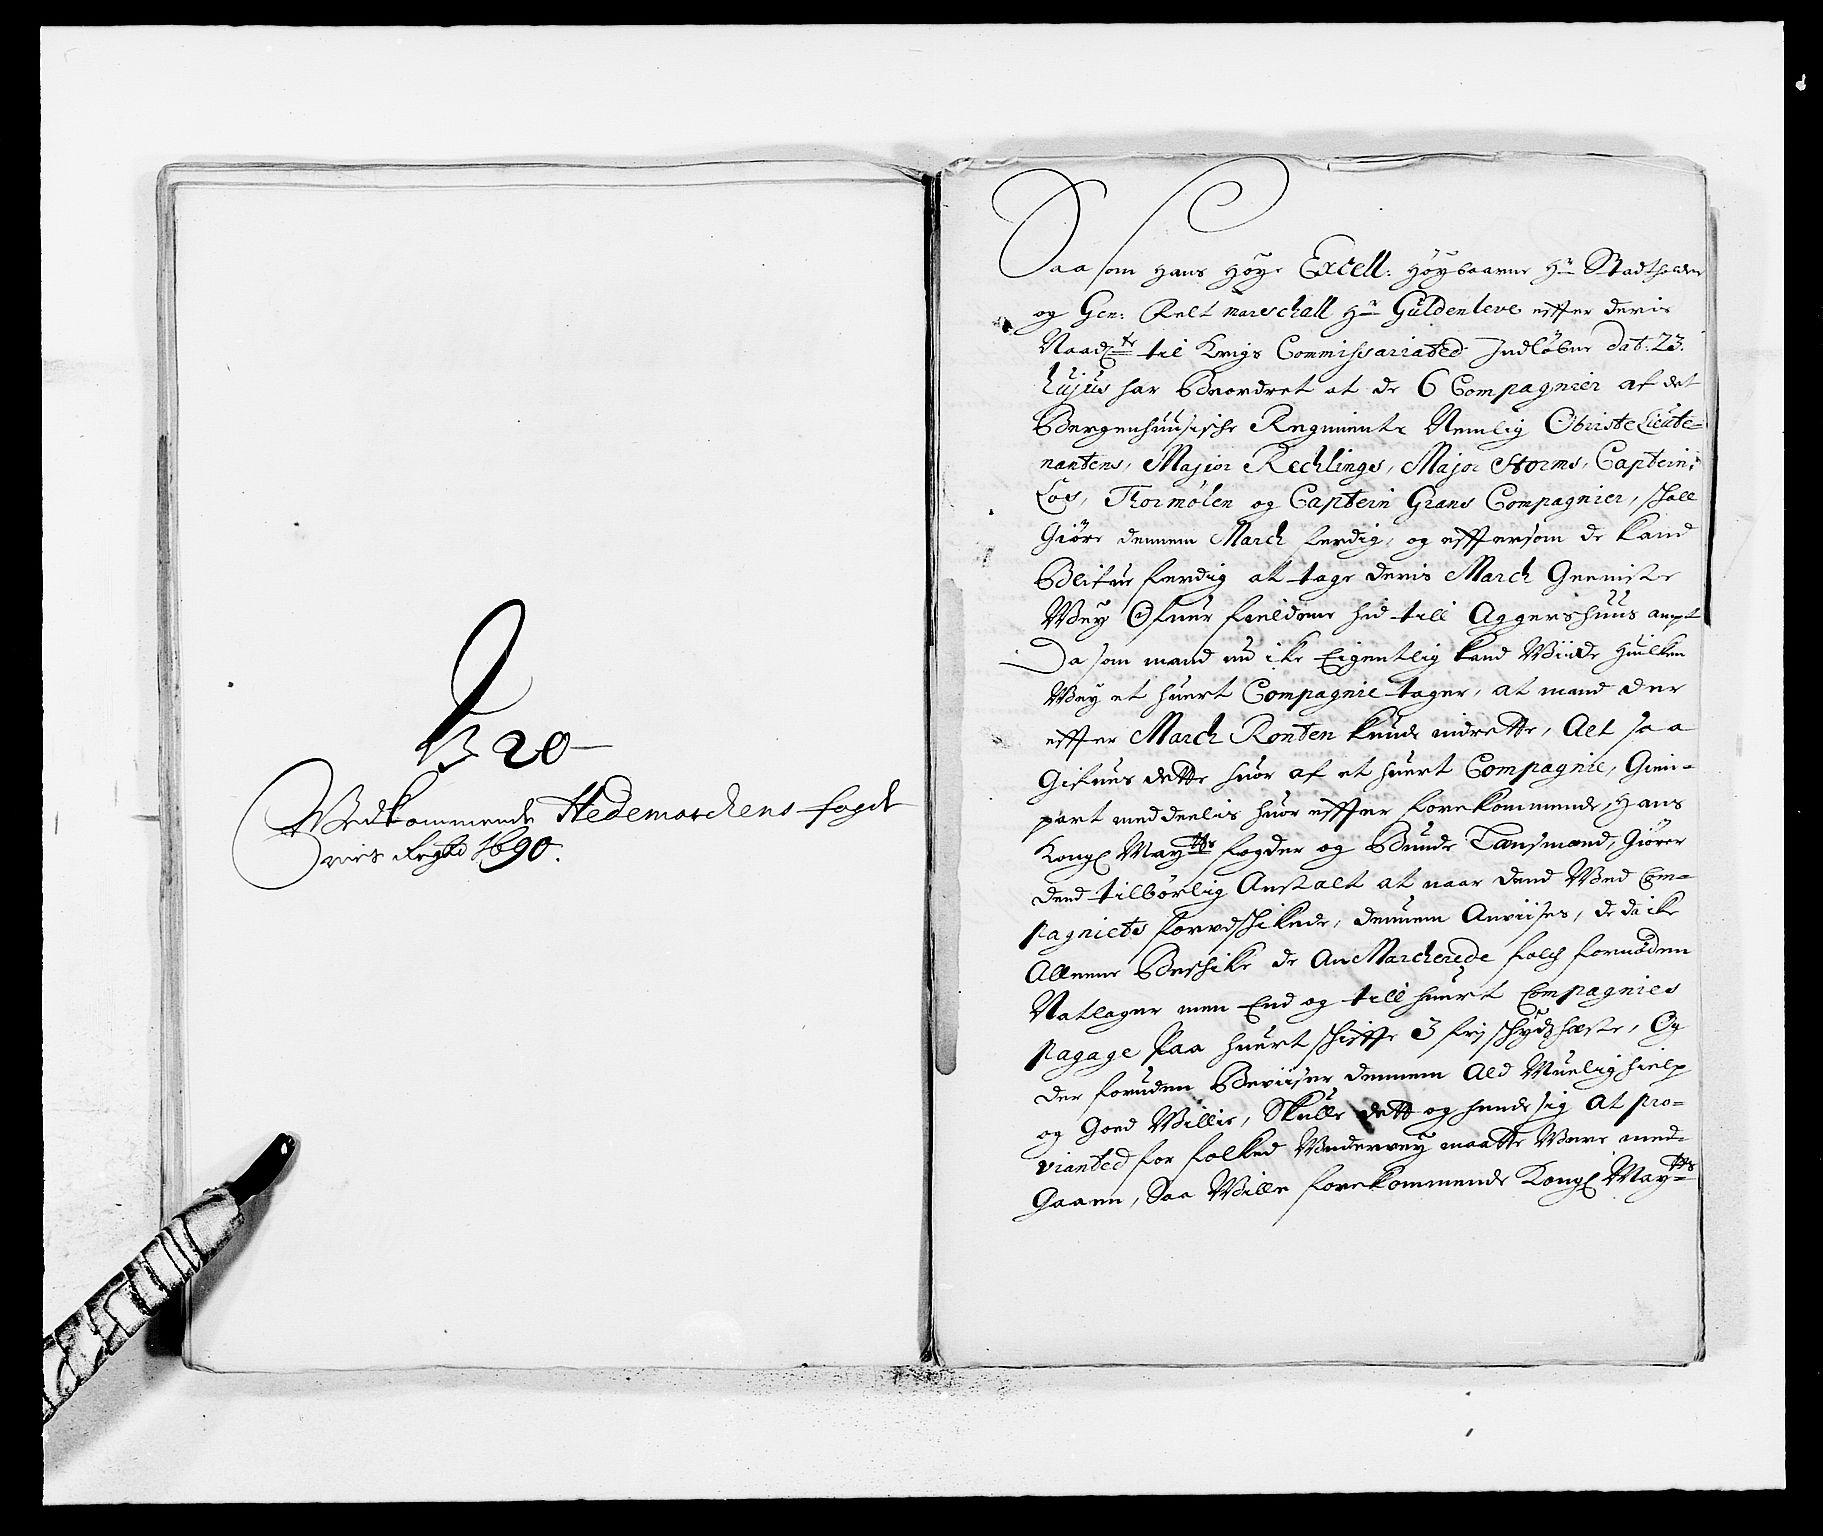 RA, Rentekammeret inntil 1814, Reviderte regnskaper, Fogderegnskap, R16/L1031: Fogderegnskap Hedmark, 1689-1692, s. 296